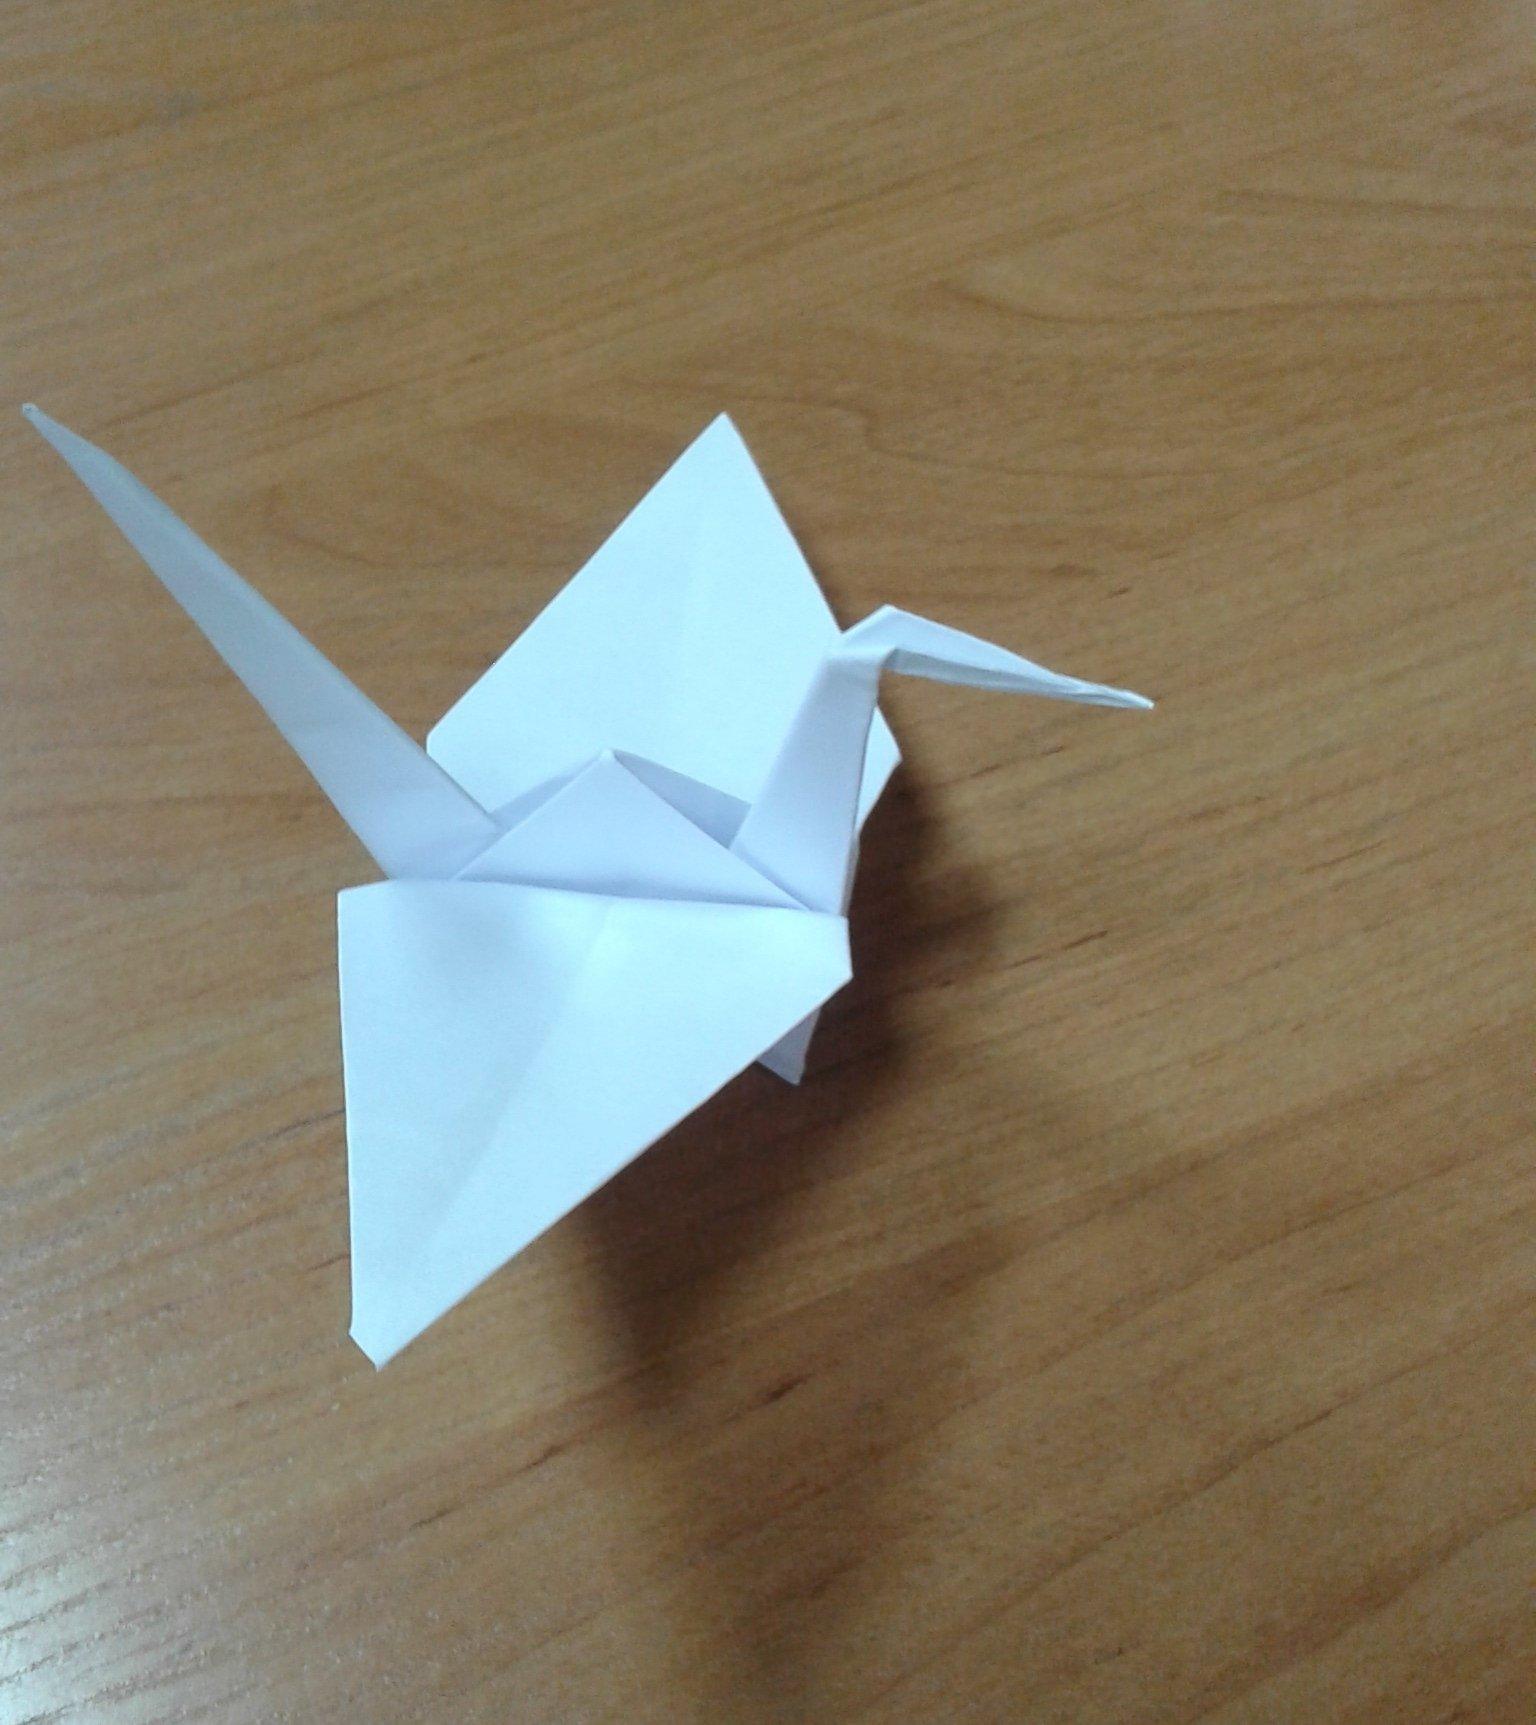 оригами пошаговое фото своими руками журавлик отреагировала мгновенно